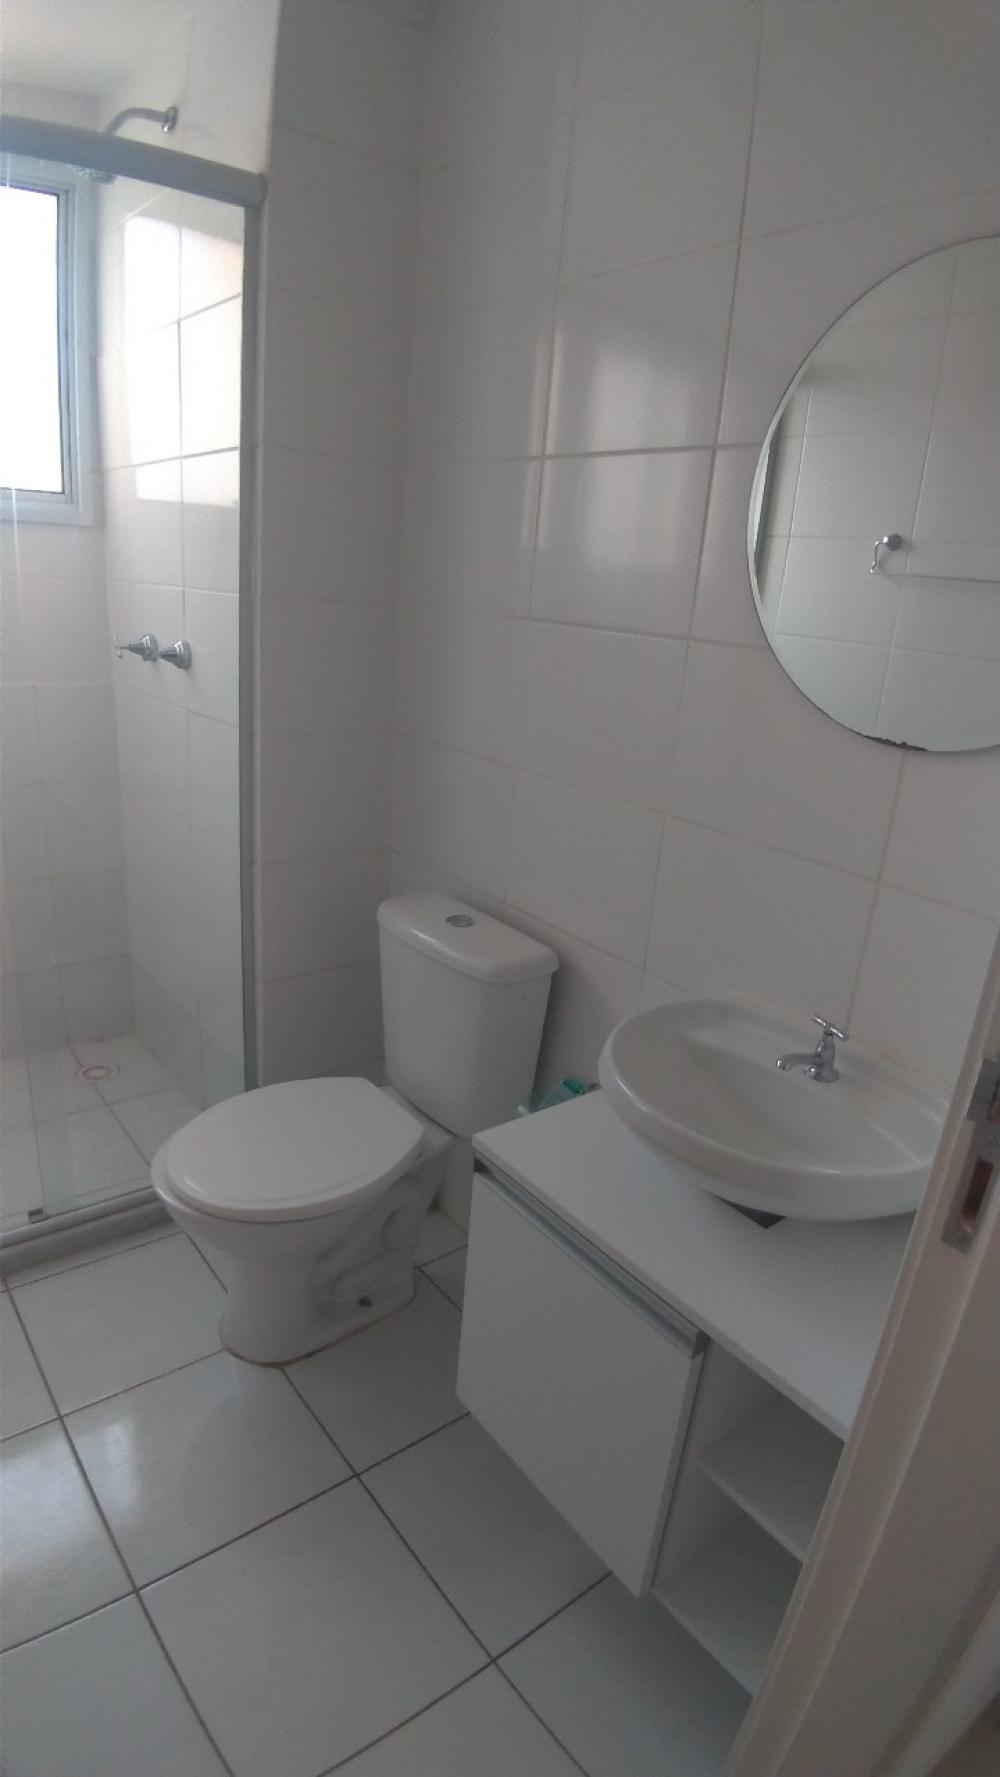 Apartamento com 2 dormitórios, sala 2 ambientes e sacada, cozinha com armários, banheiro com box em vidro temperado e 1 vaga de garagem. Aceita financiamento.